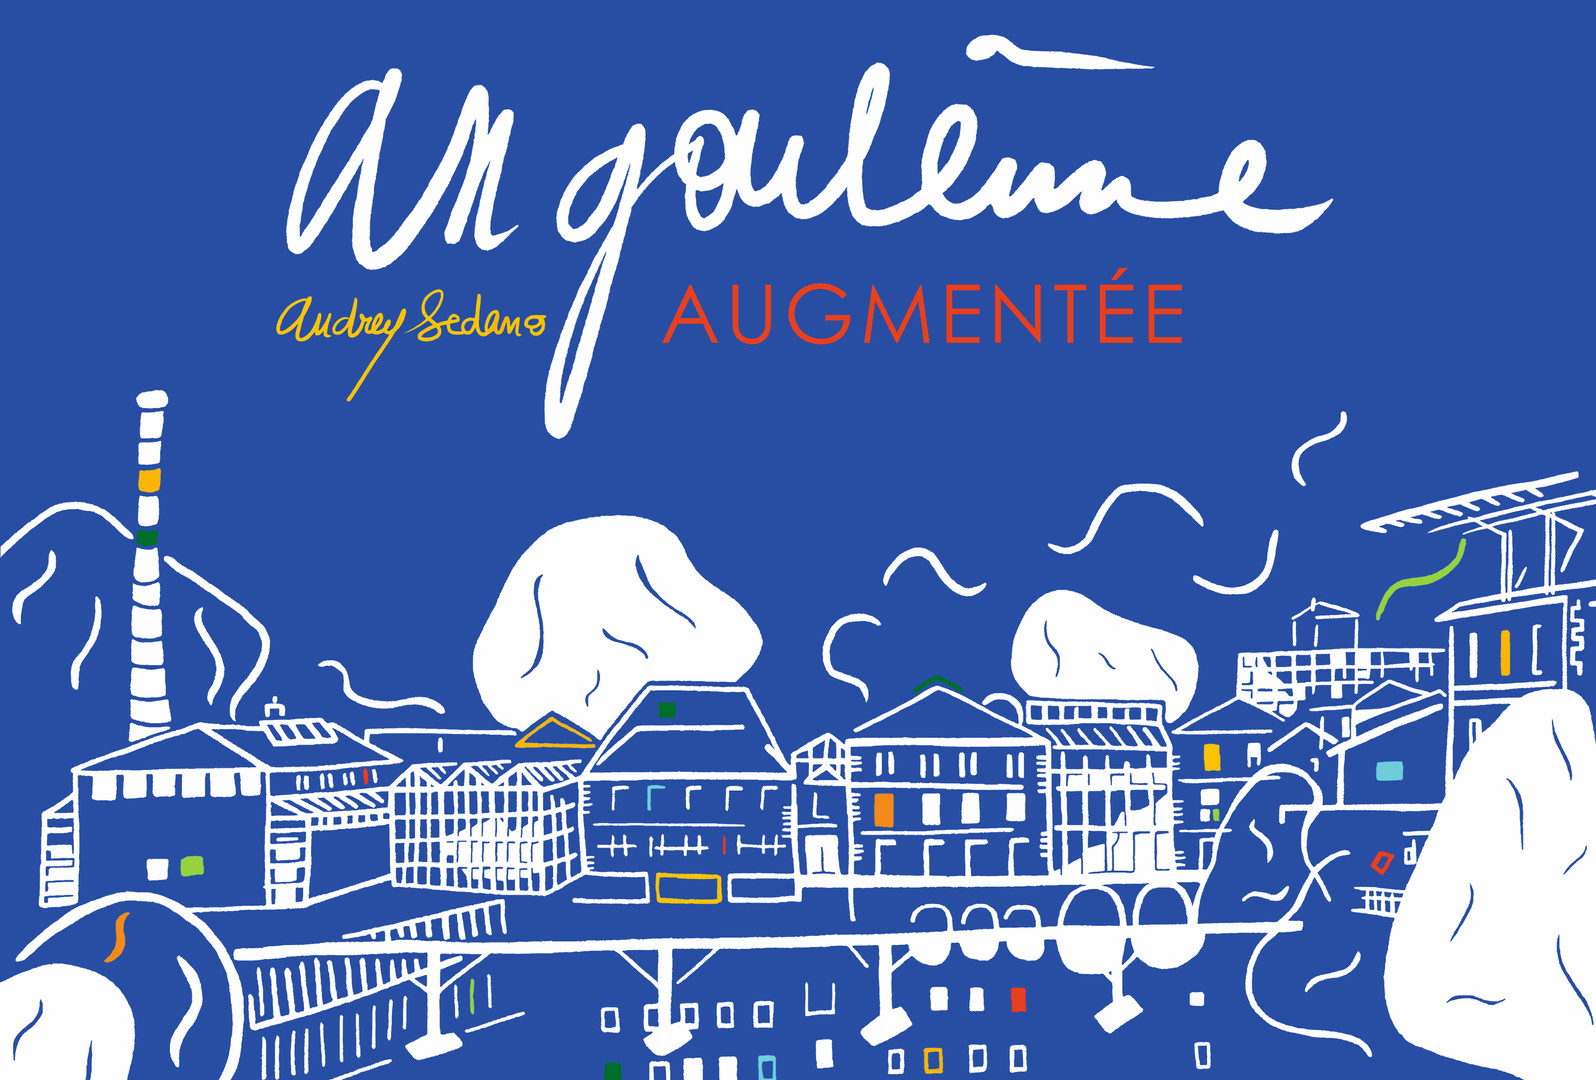 Couverture Angoulême Augmentée